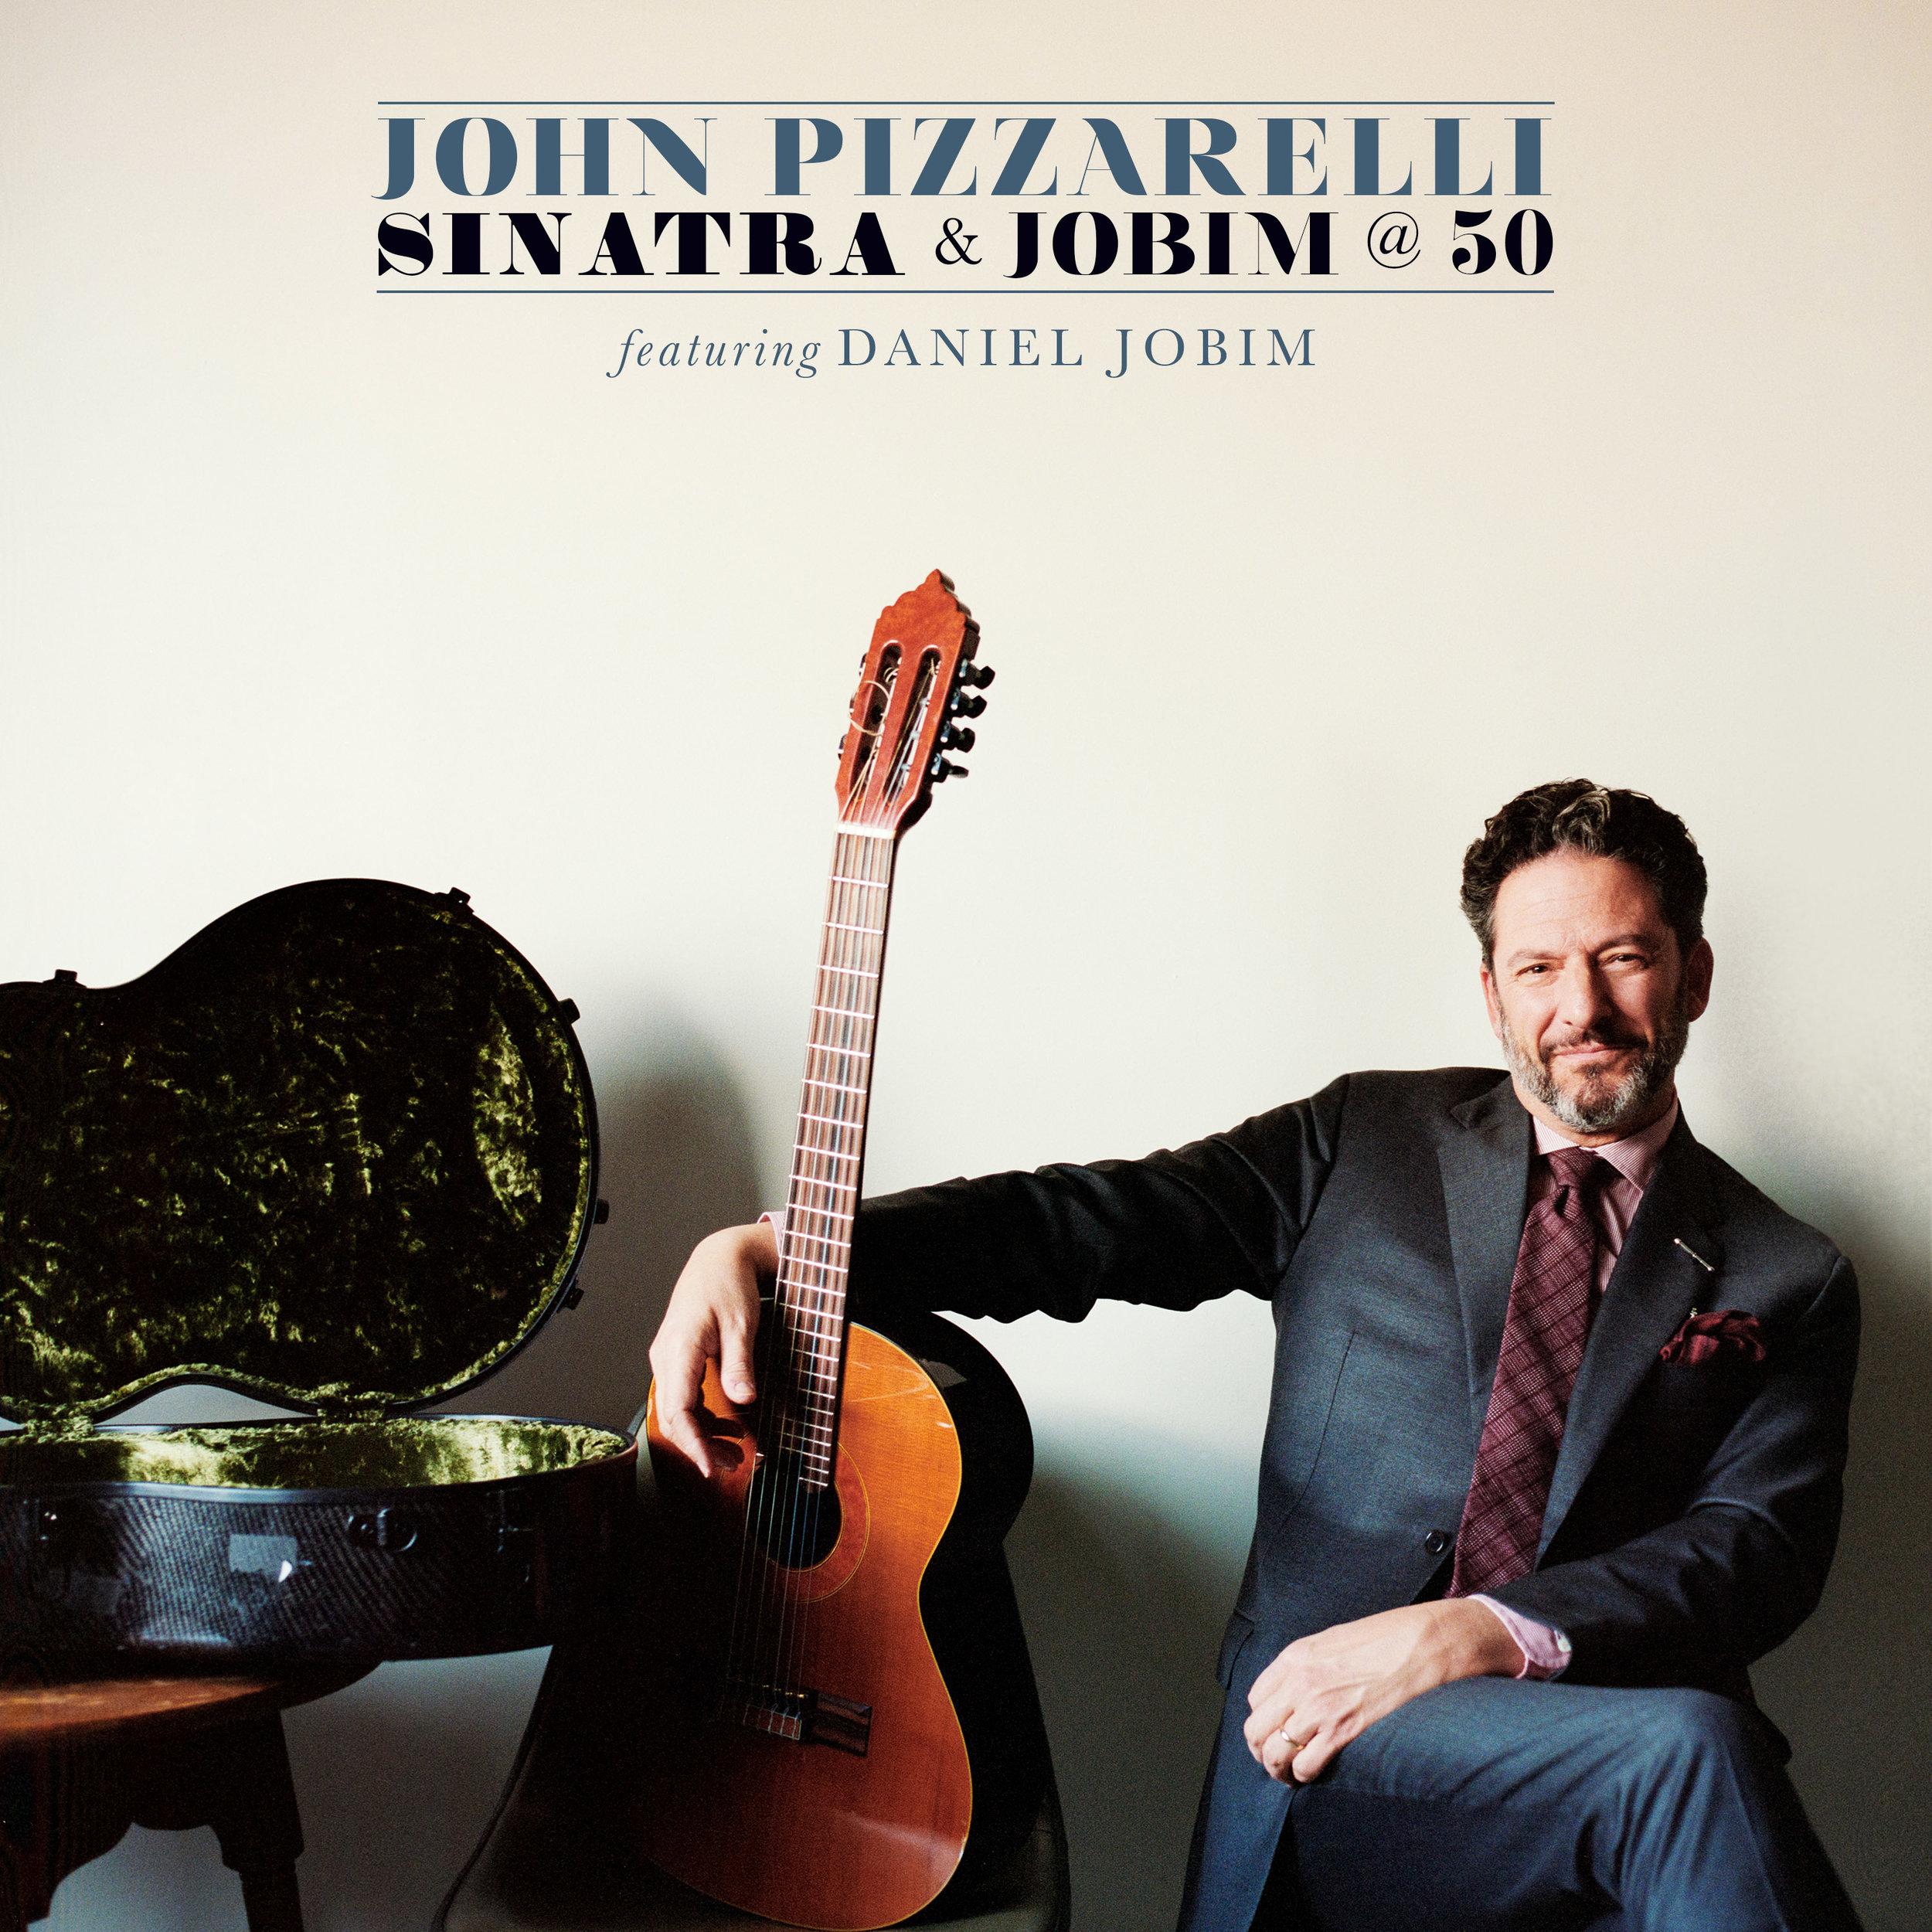 PizzarelliJohnSinatraJobimAlbumCover.JPG